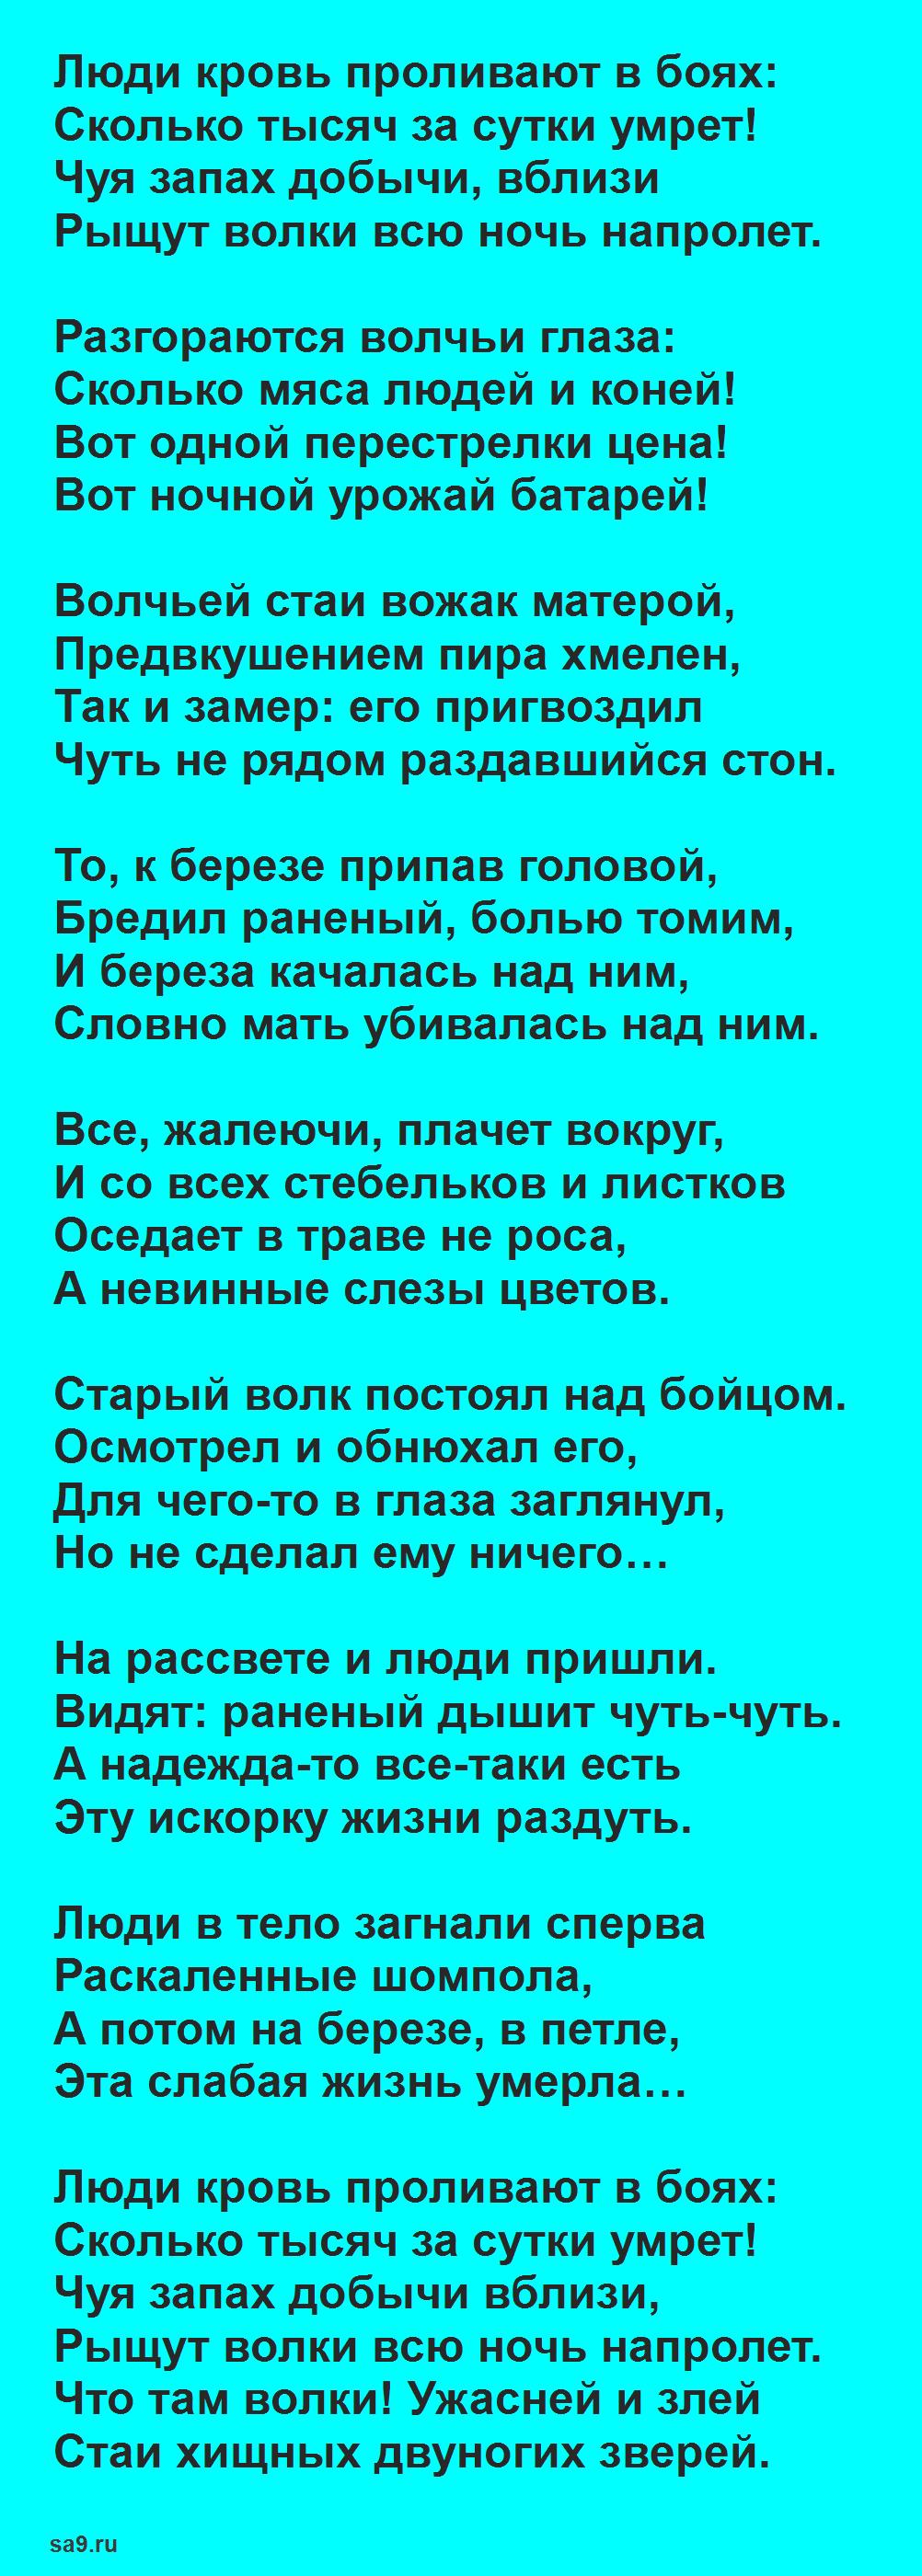 Муса Джалиль Волки стих